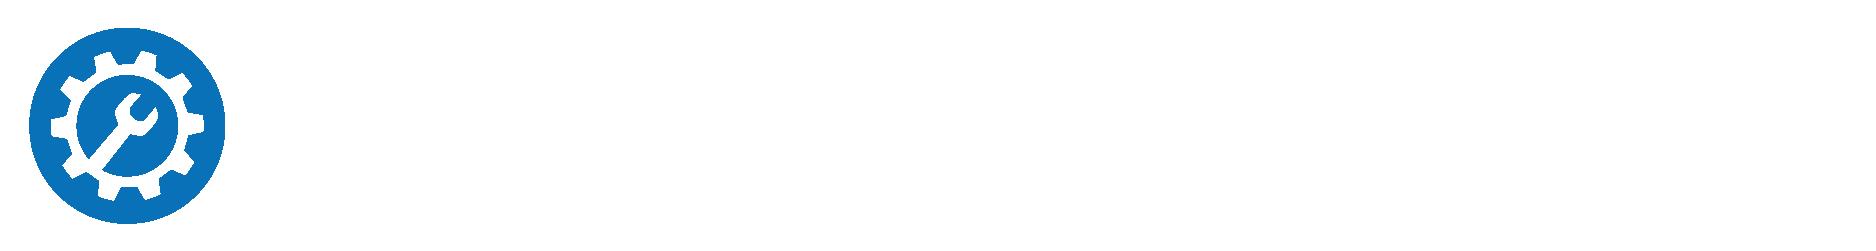 Ricambiaccessoriauto.com